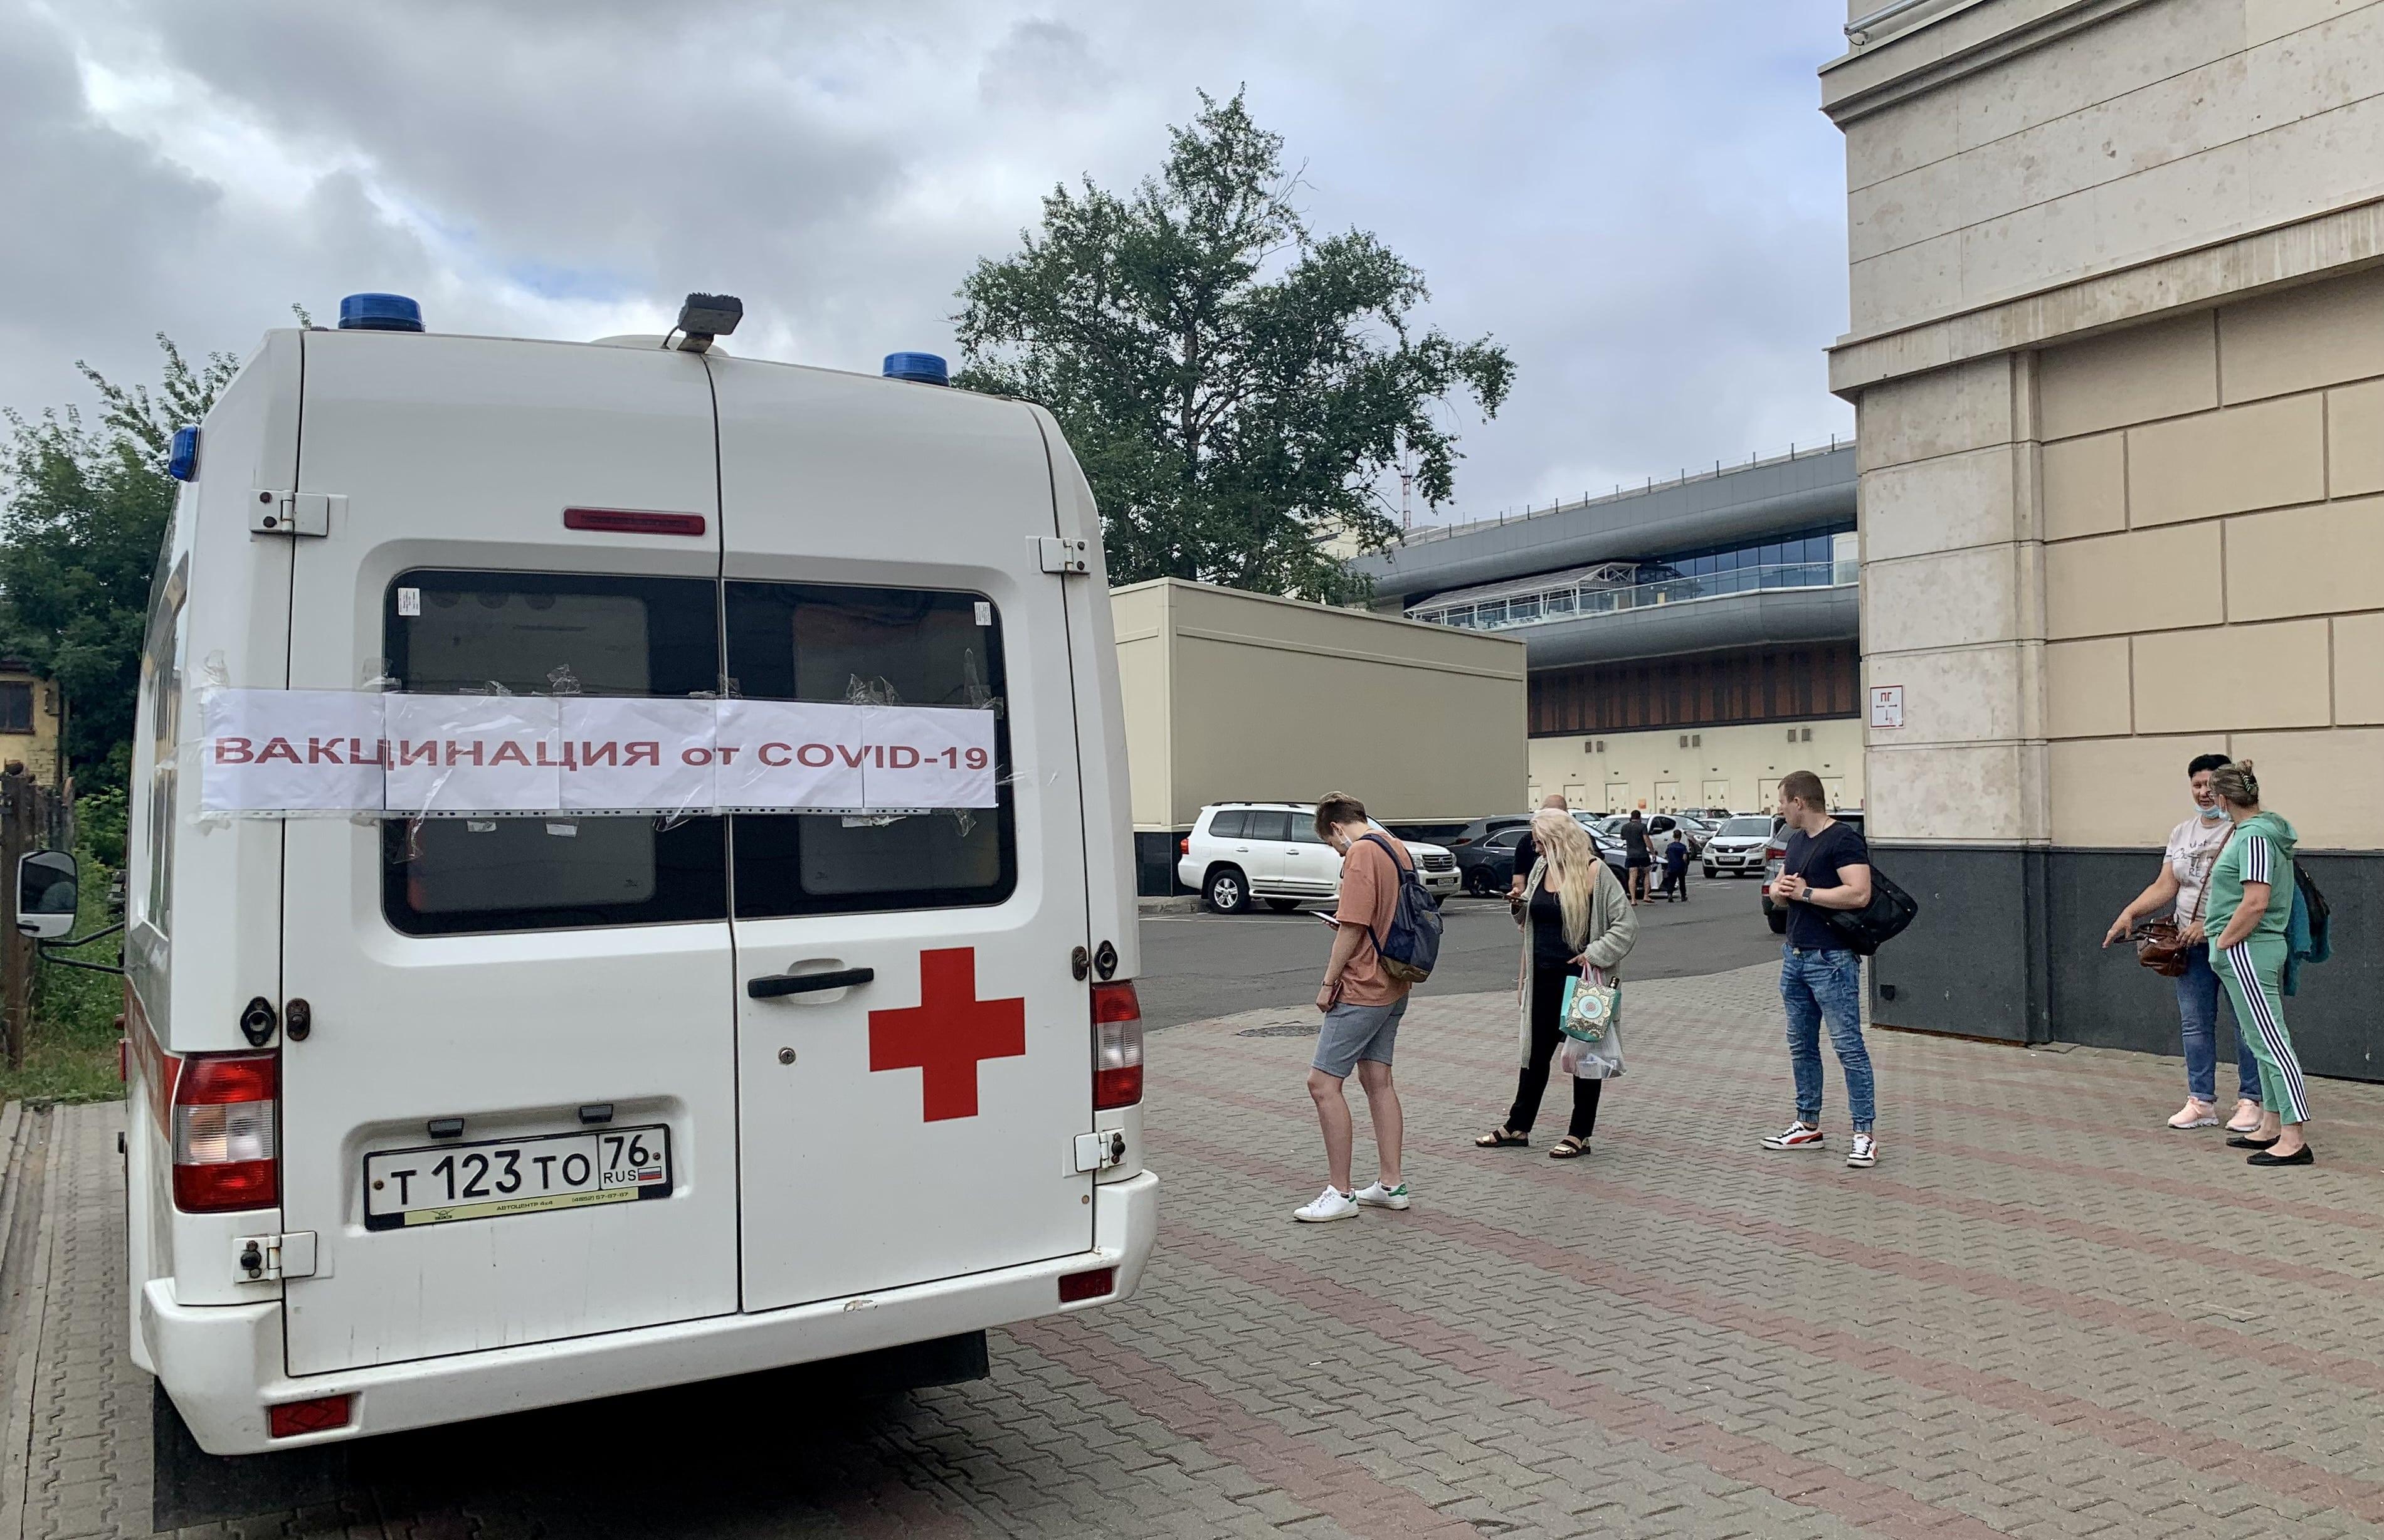 Депутат от КПРФ Олег Леонтьев потребовал отмены обязательной вакцинации от коронавируса